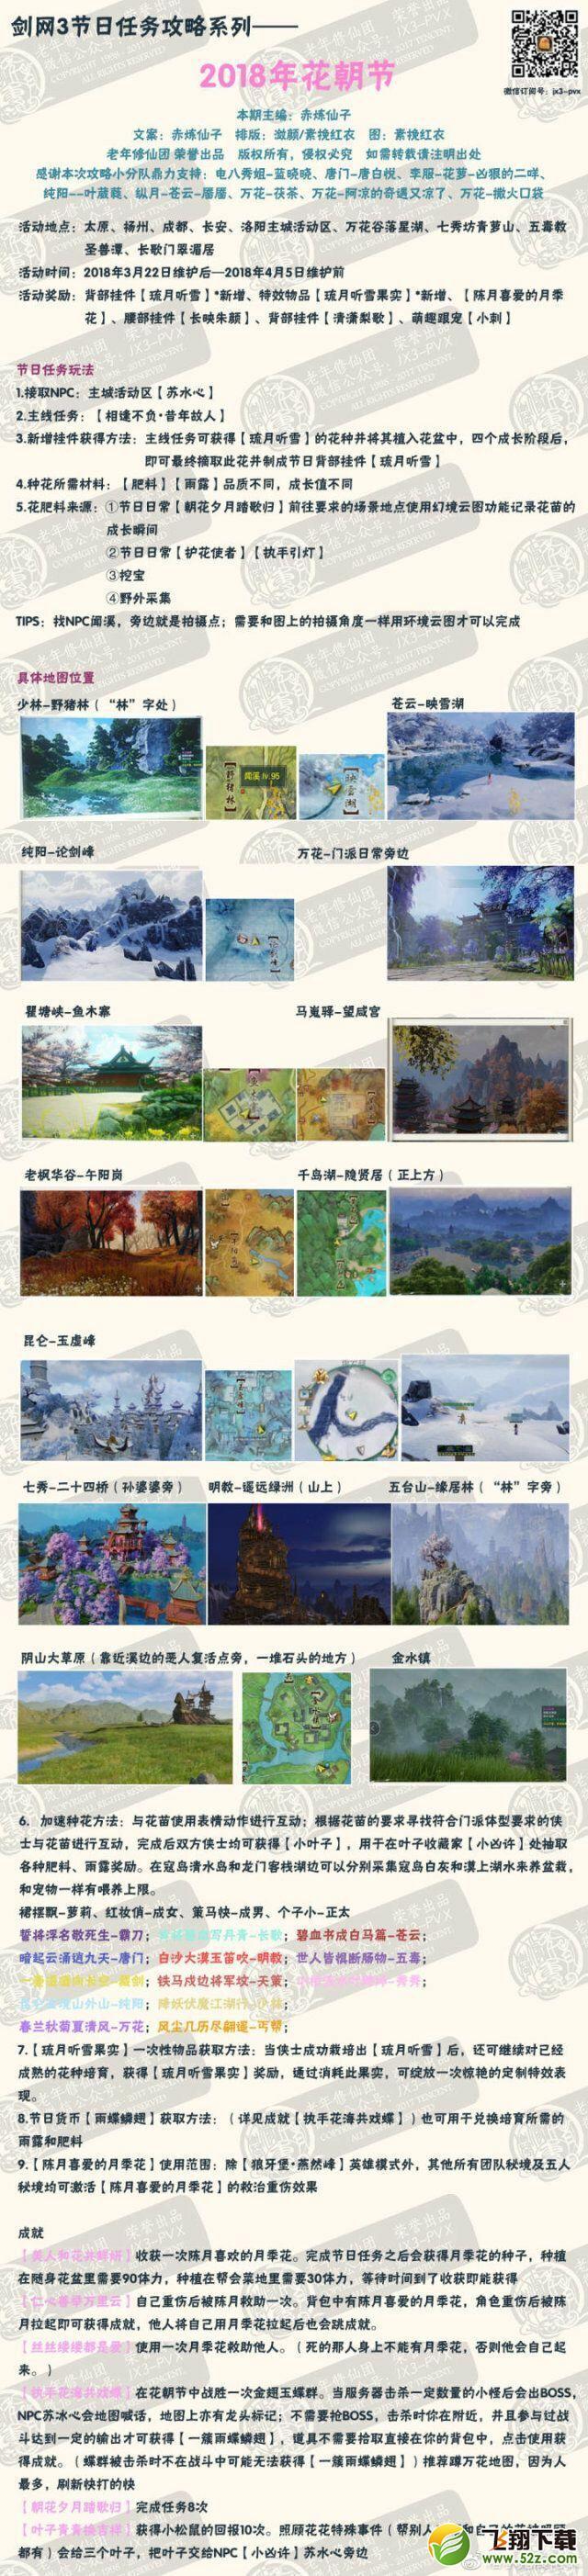 2018剑网3花朝节活动任务流程图文攻略